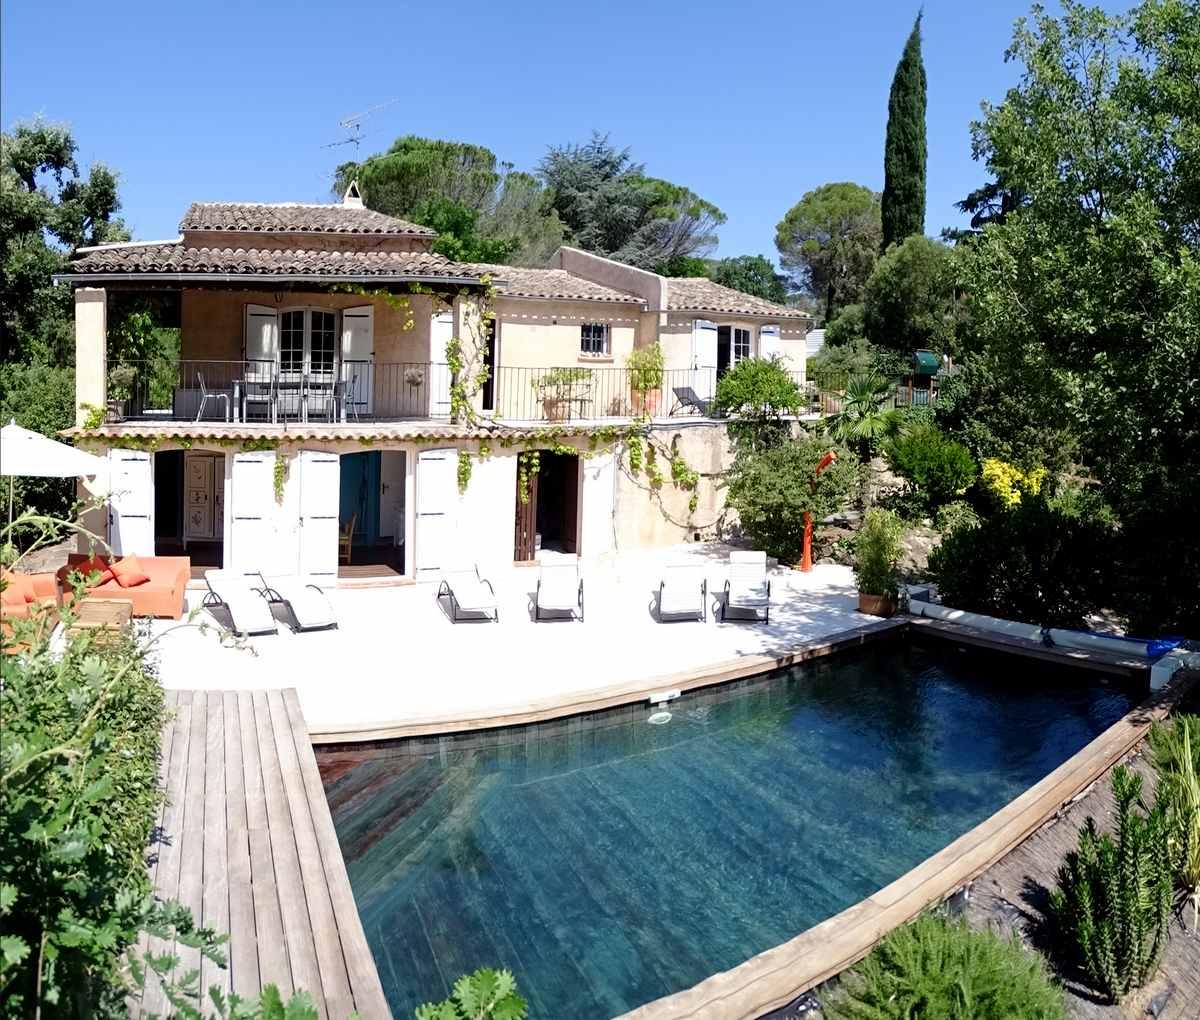 Beau Location Villa Climatisée Avec Piscine Valescure Fréjus Saint Raphael